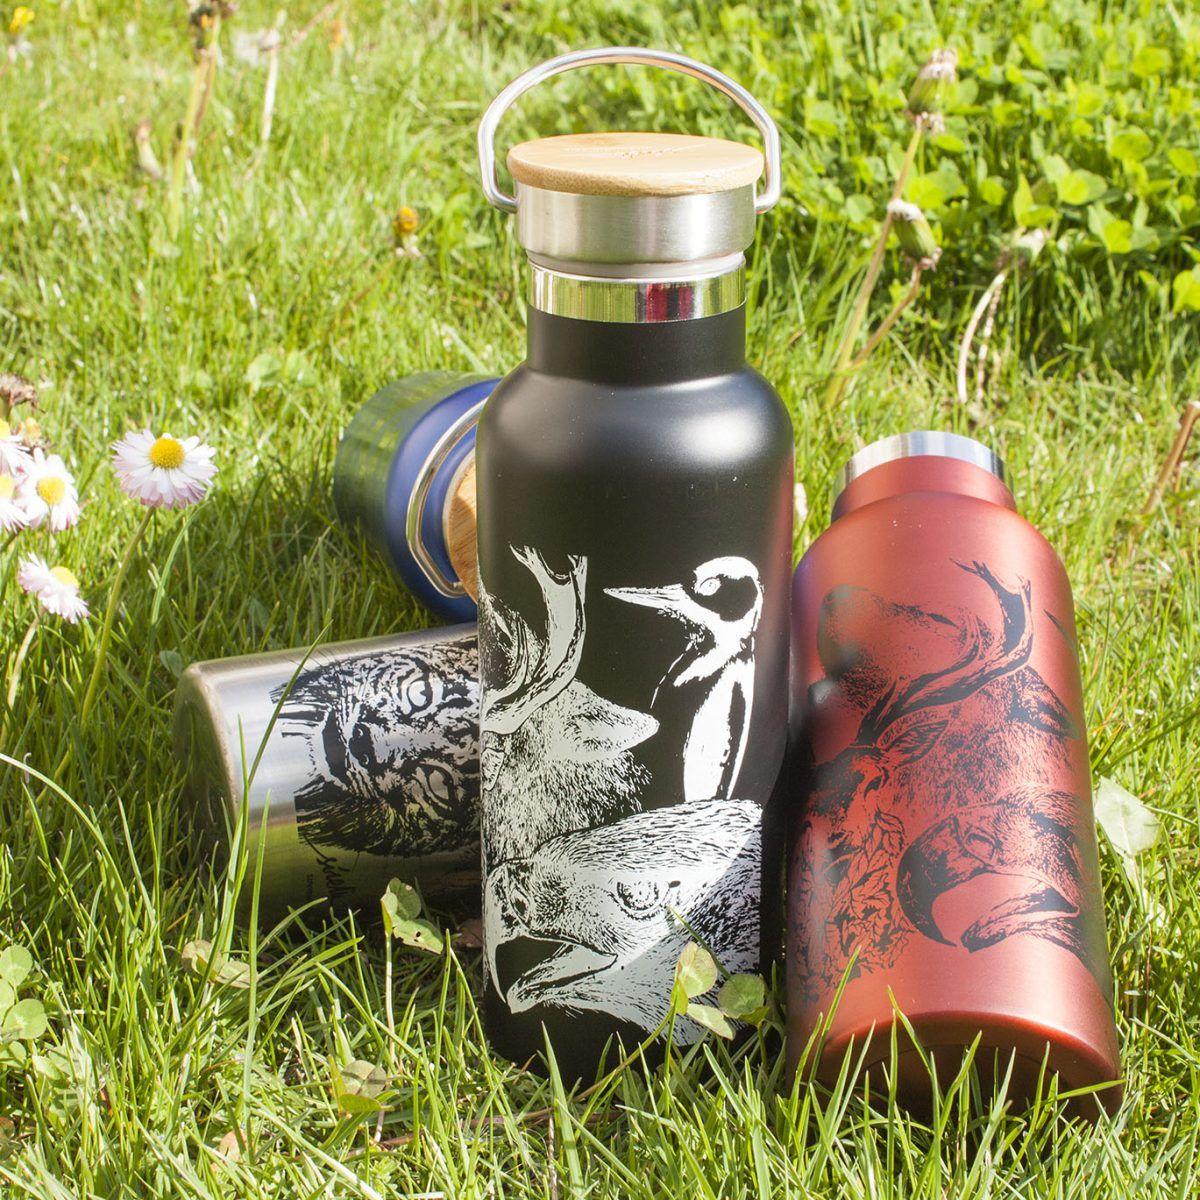 botella termo reutilizable-acero inoxidable-500ml-dibujos animales-zero waste-negra-roja-azul-gris plata-tapon bambu-sirem wild